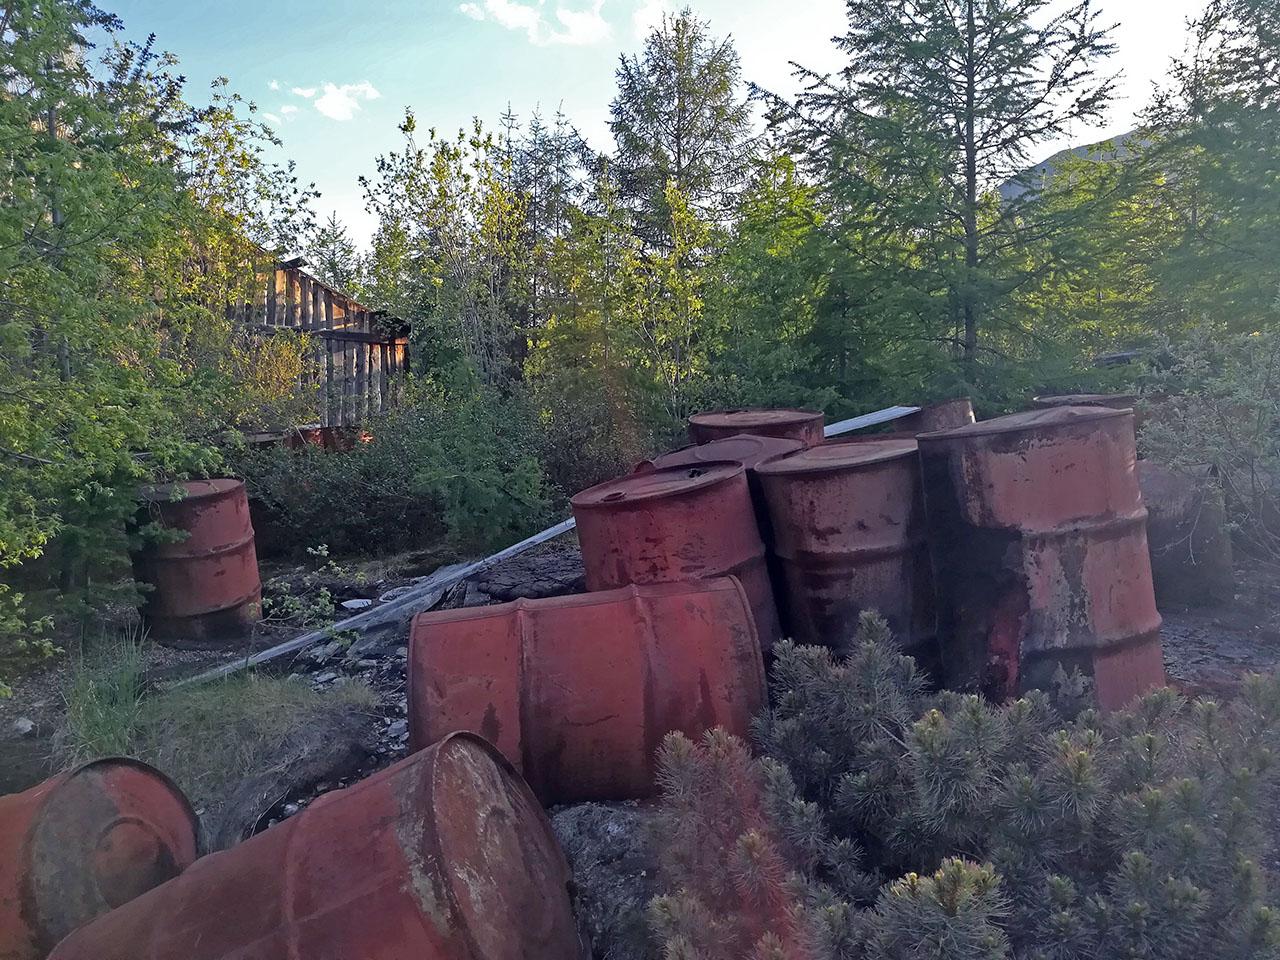 Посёлок Арарат. Пустая тара из под ГСМ на территории ЛТП-1. Фото из архива Елены Полищук. 2018 год.